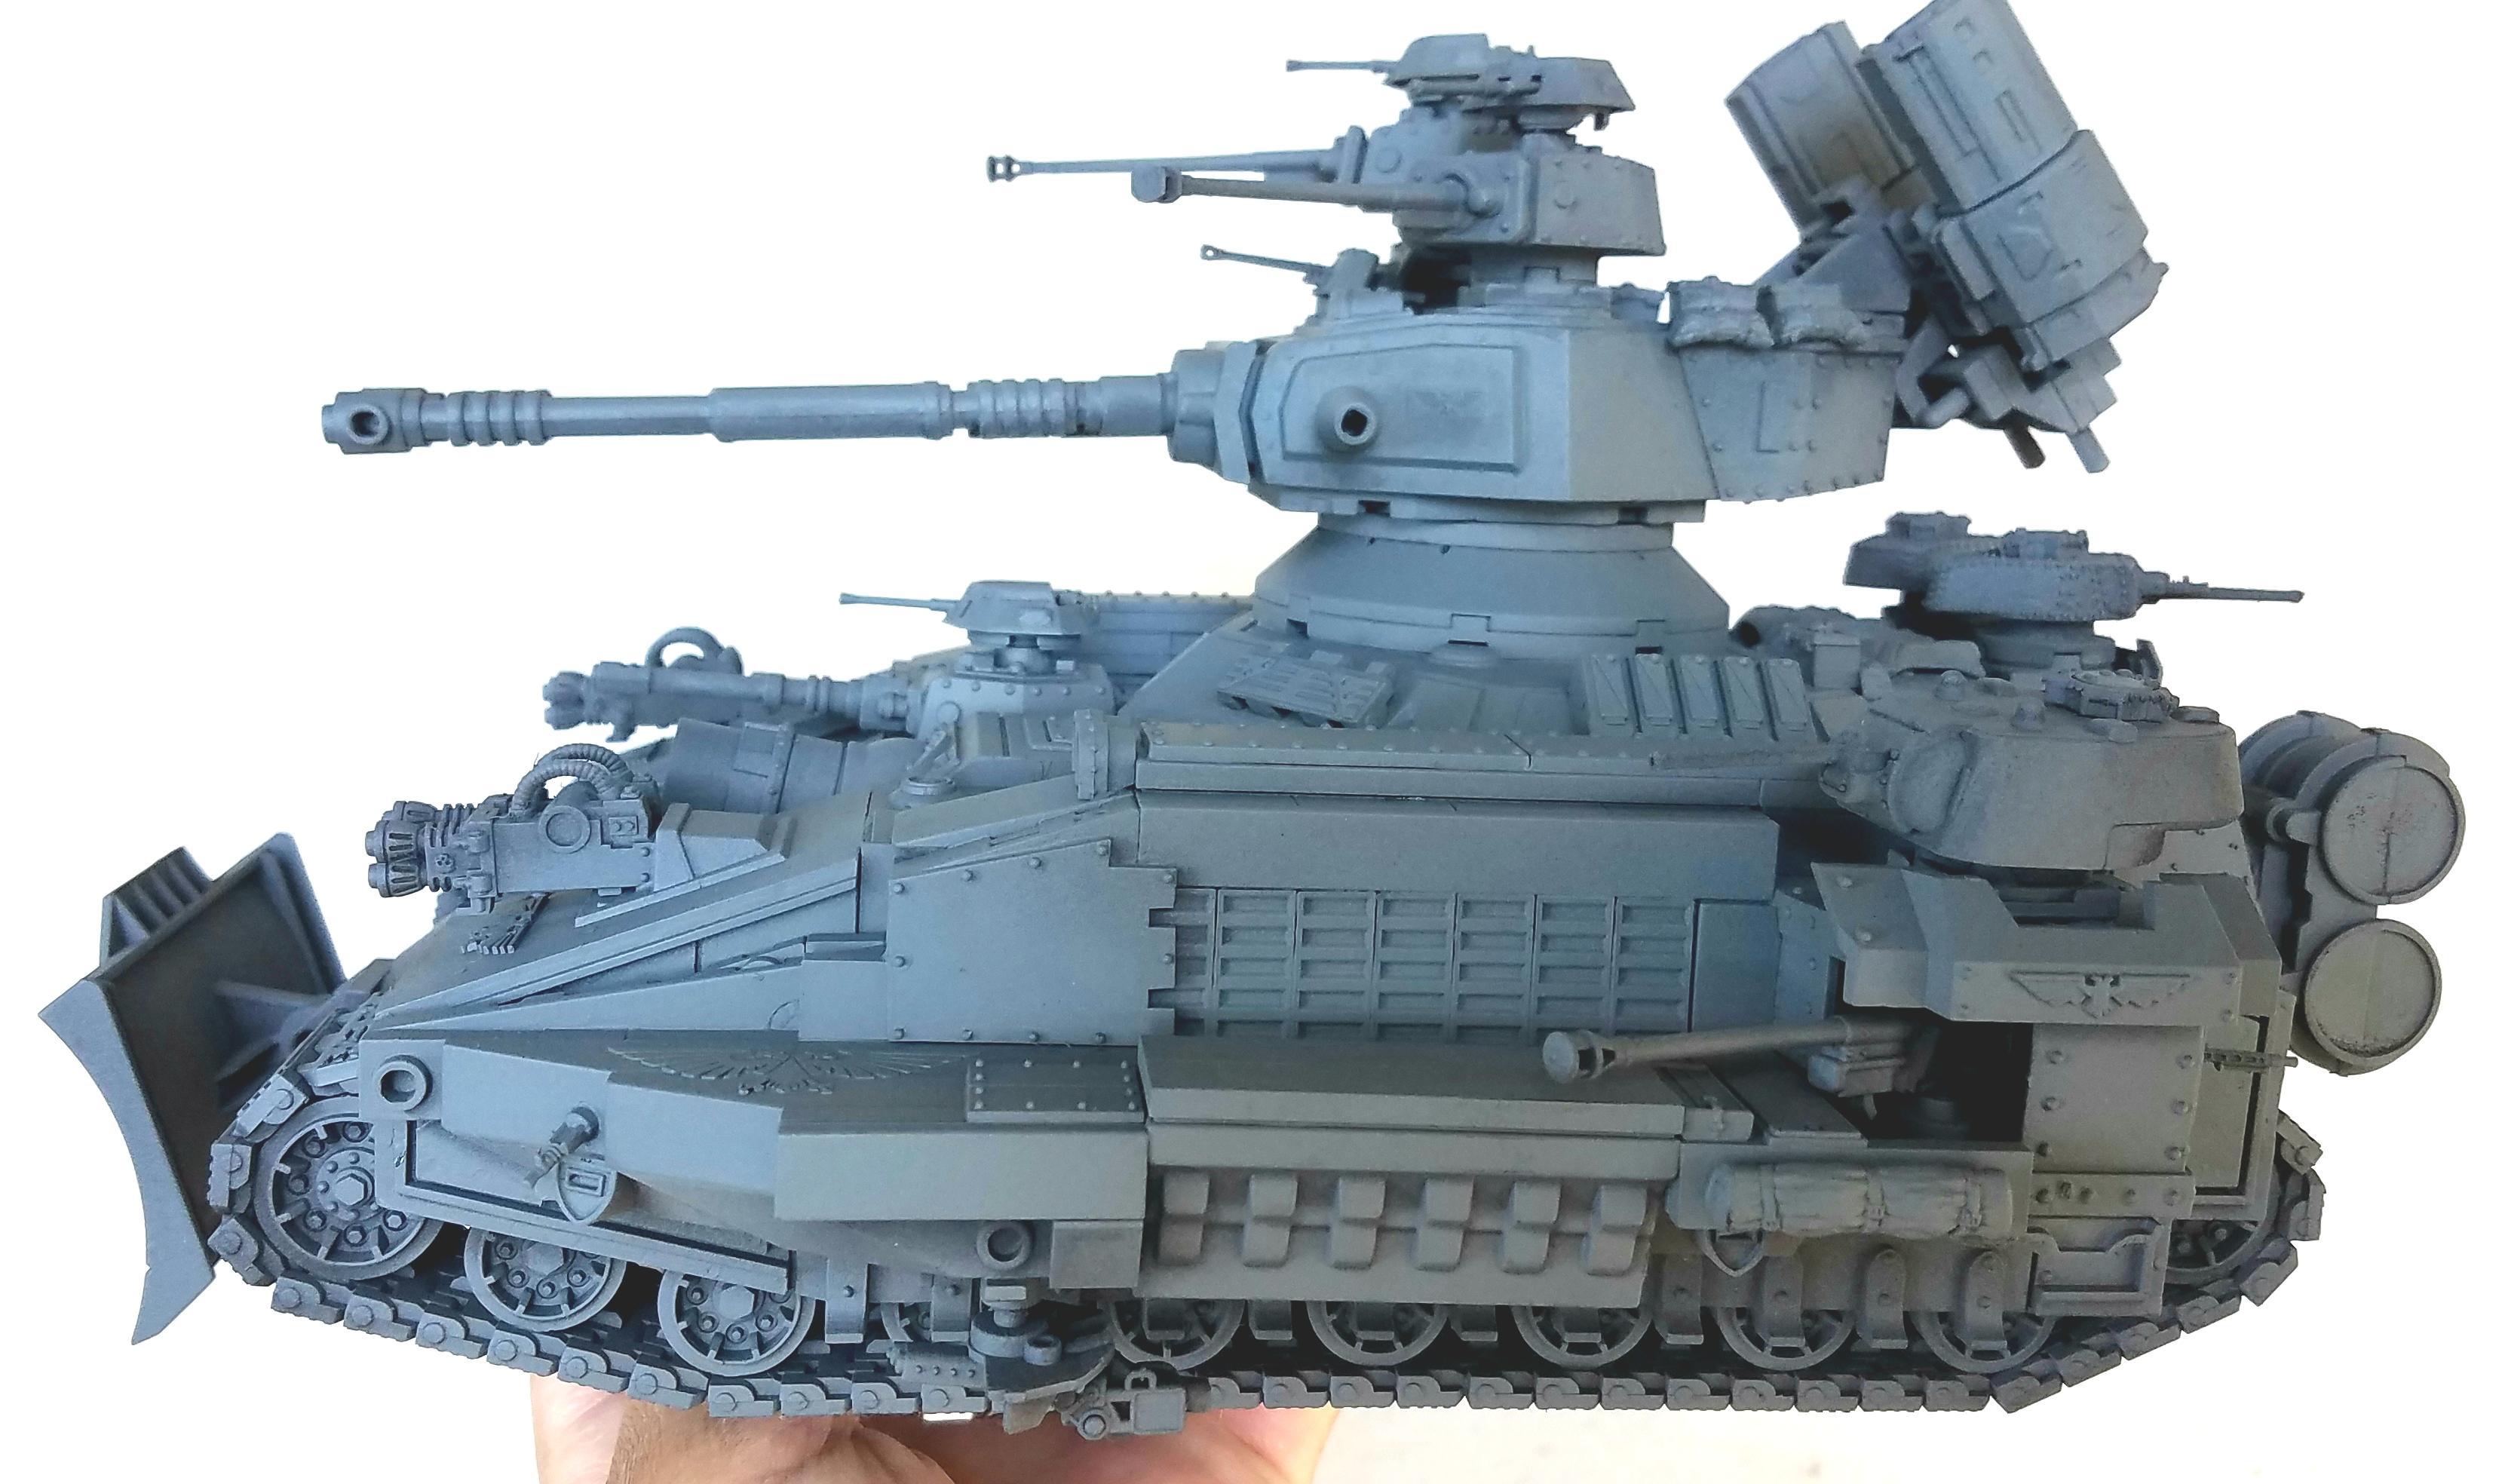 Armor, Army, Imperial Guard, Imperium, Man, Super Tank, Warhammer 40,000, Warhammer Fantasy